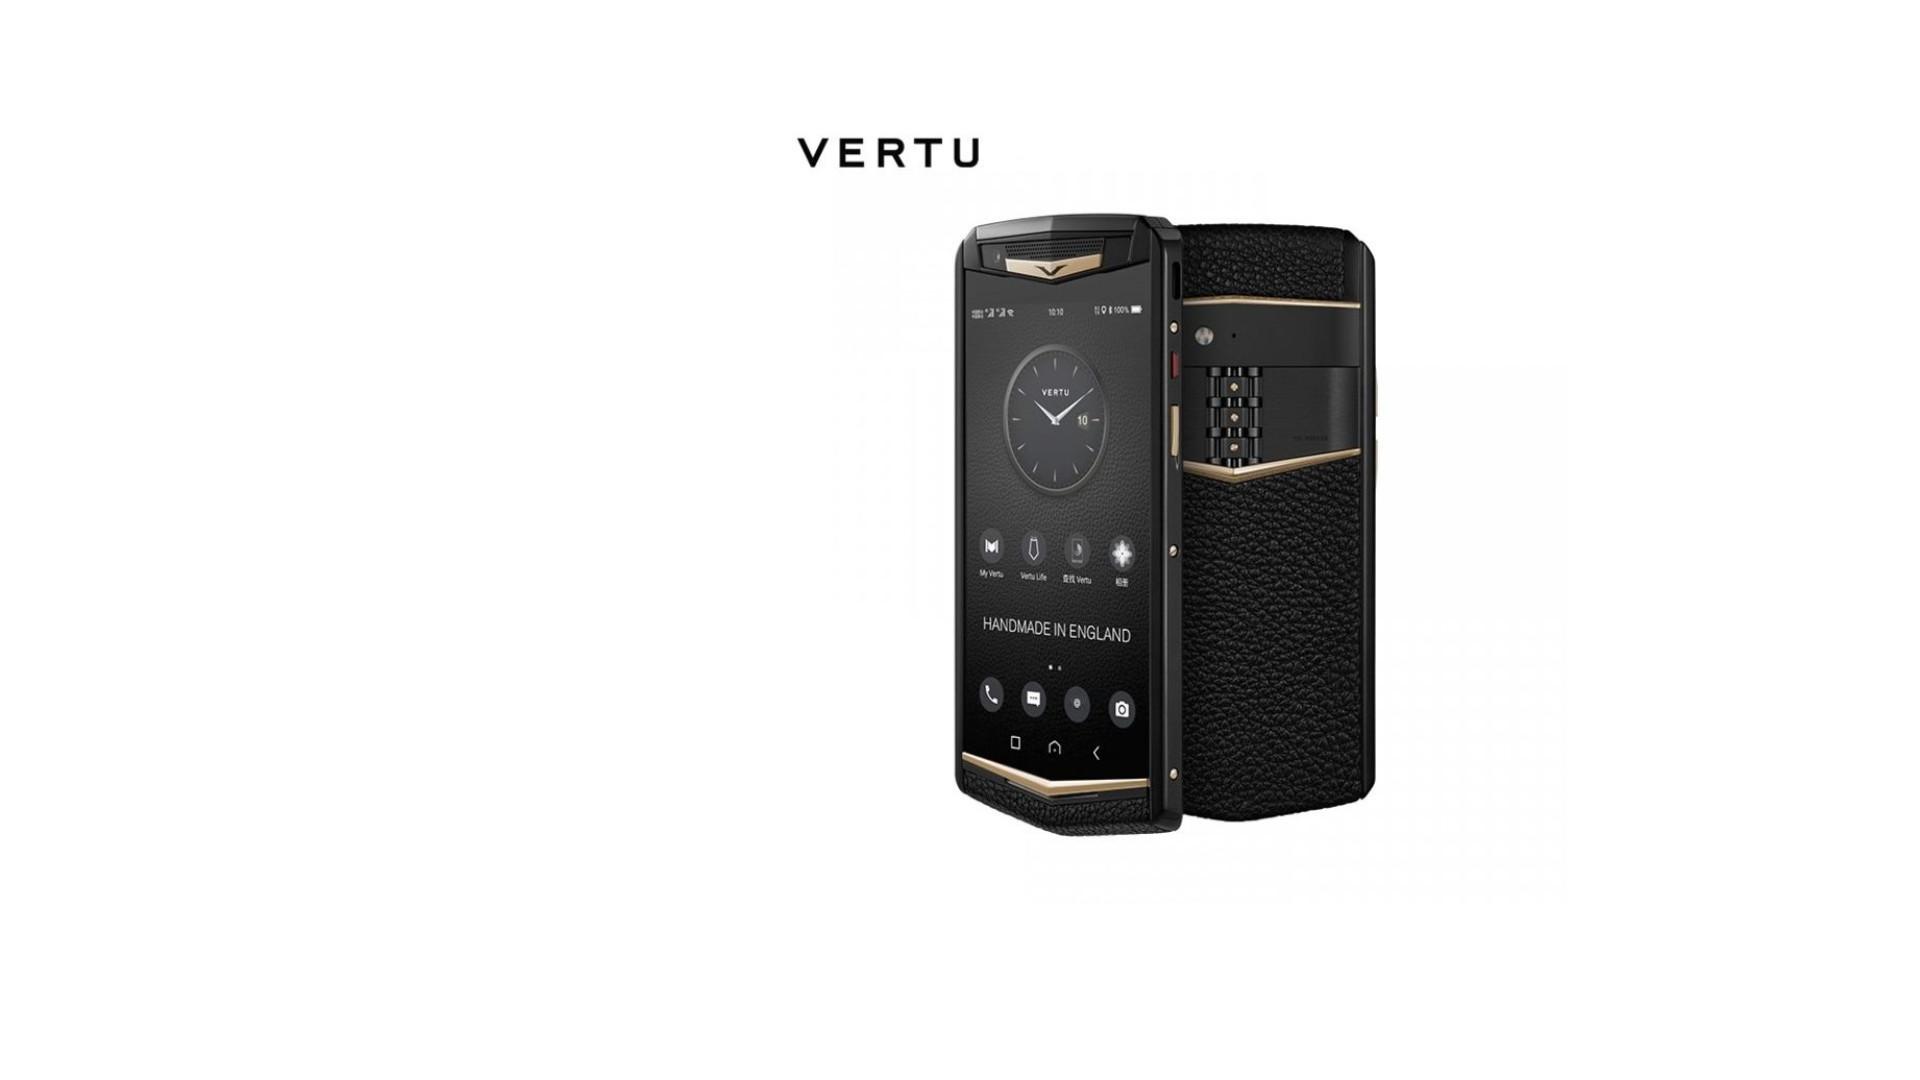 Vertu, a marca de smartphones de luxo, está de volta com nova proposta